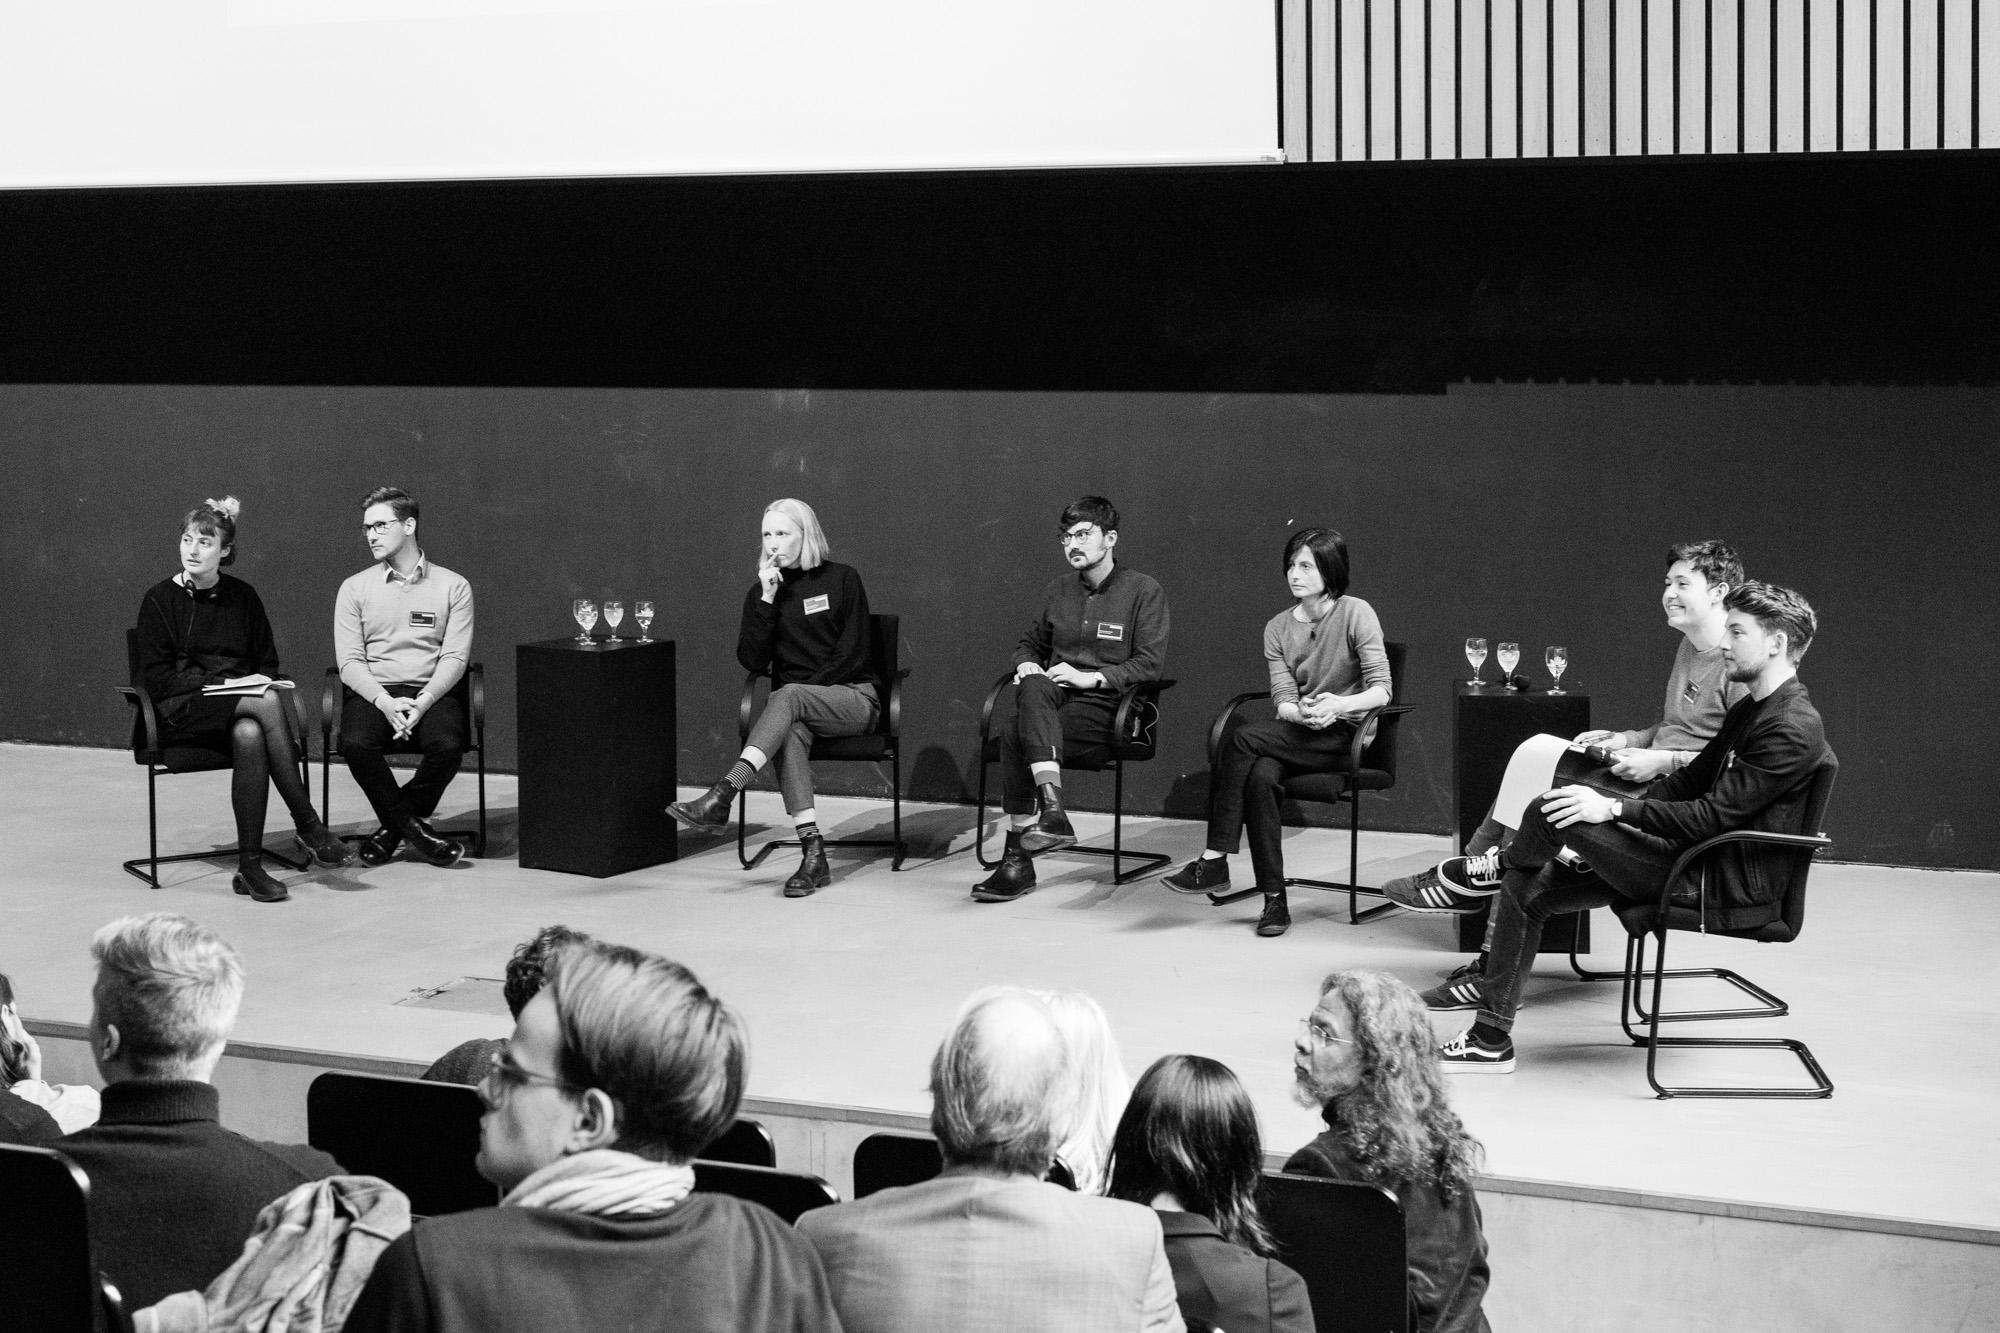 Diskussion Sektion 4. Fotografen: Samuel Solazzo, Jannis Uffrecht, Philipp Niemeyer